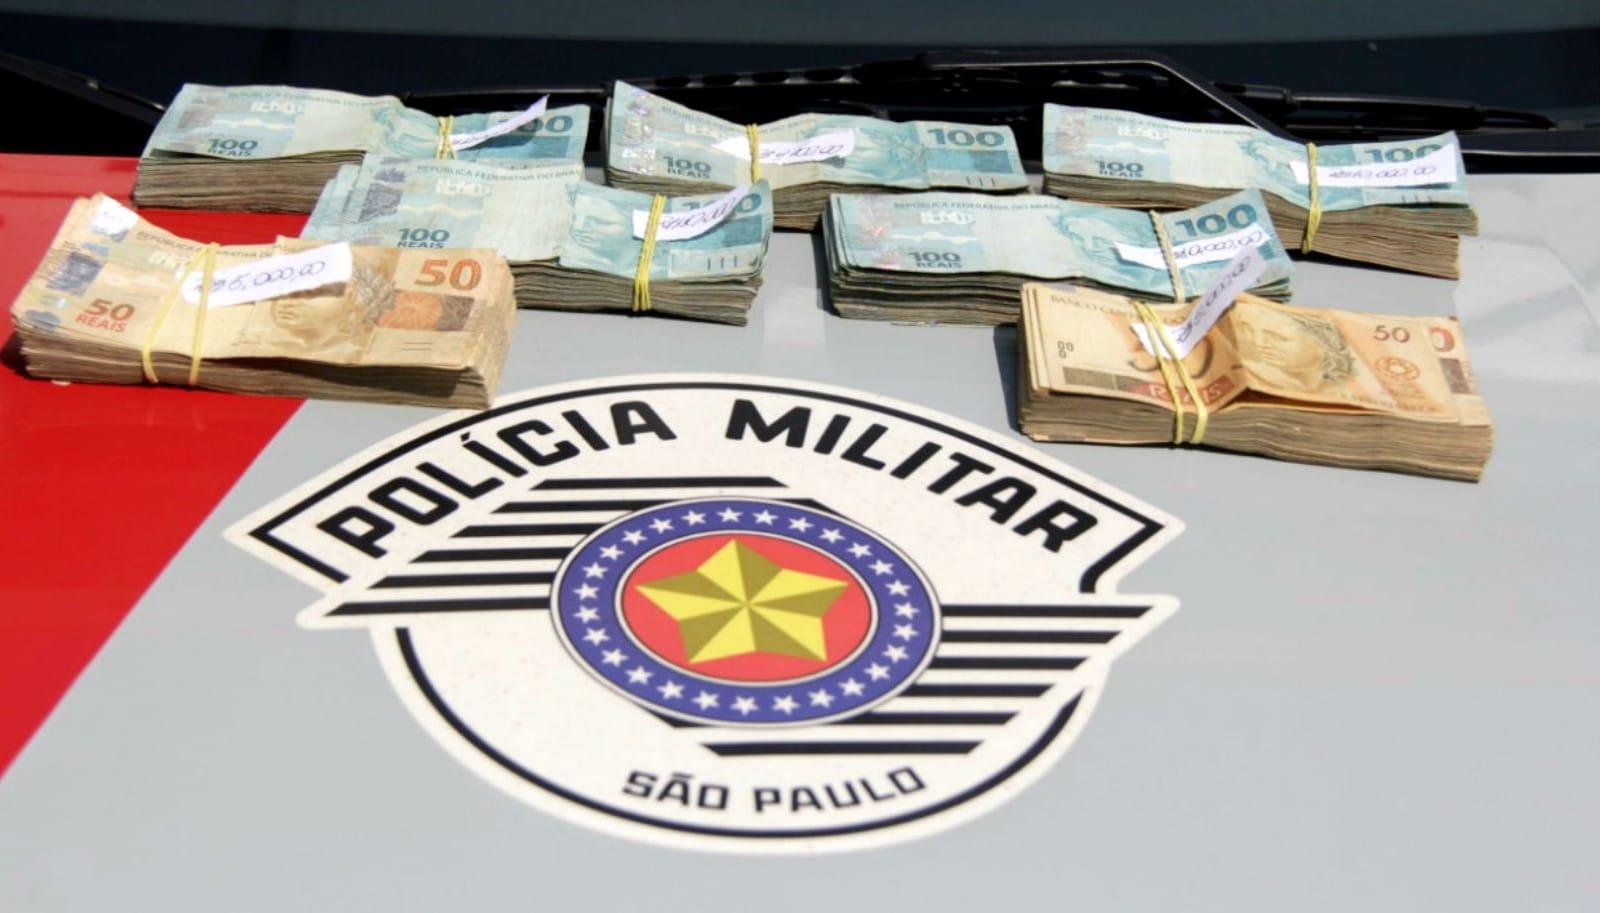 Os R$ 58 mil achados por mulher na porta de sua casa foram encaminhados para a polícia e valor será depositado em conta judicial (Foto: Samantha Ciuffa/Jornal da Cidade)